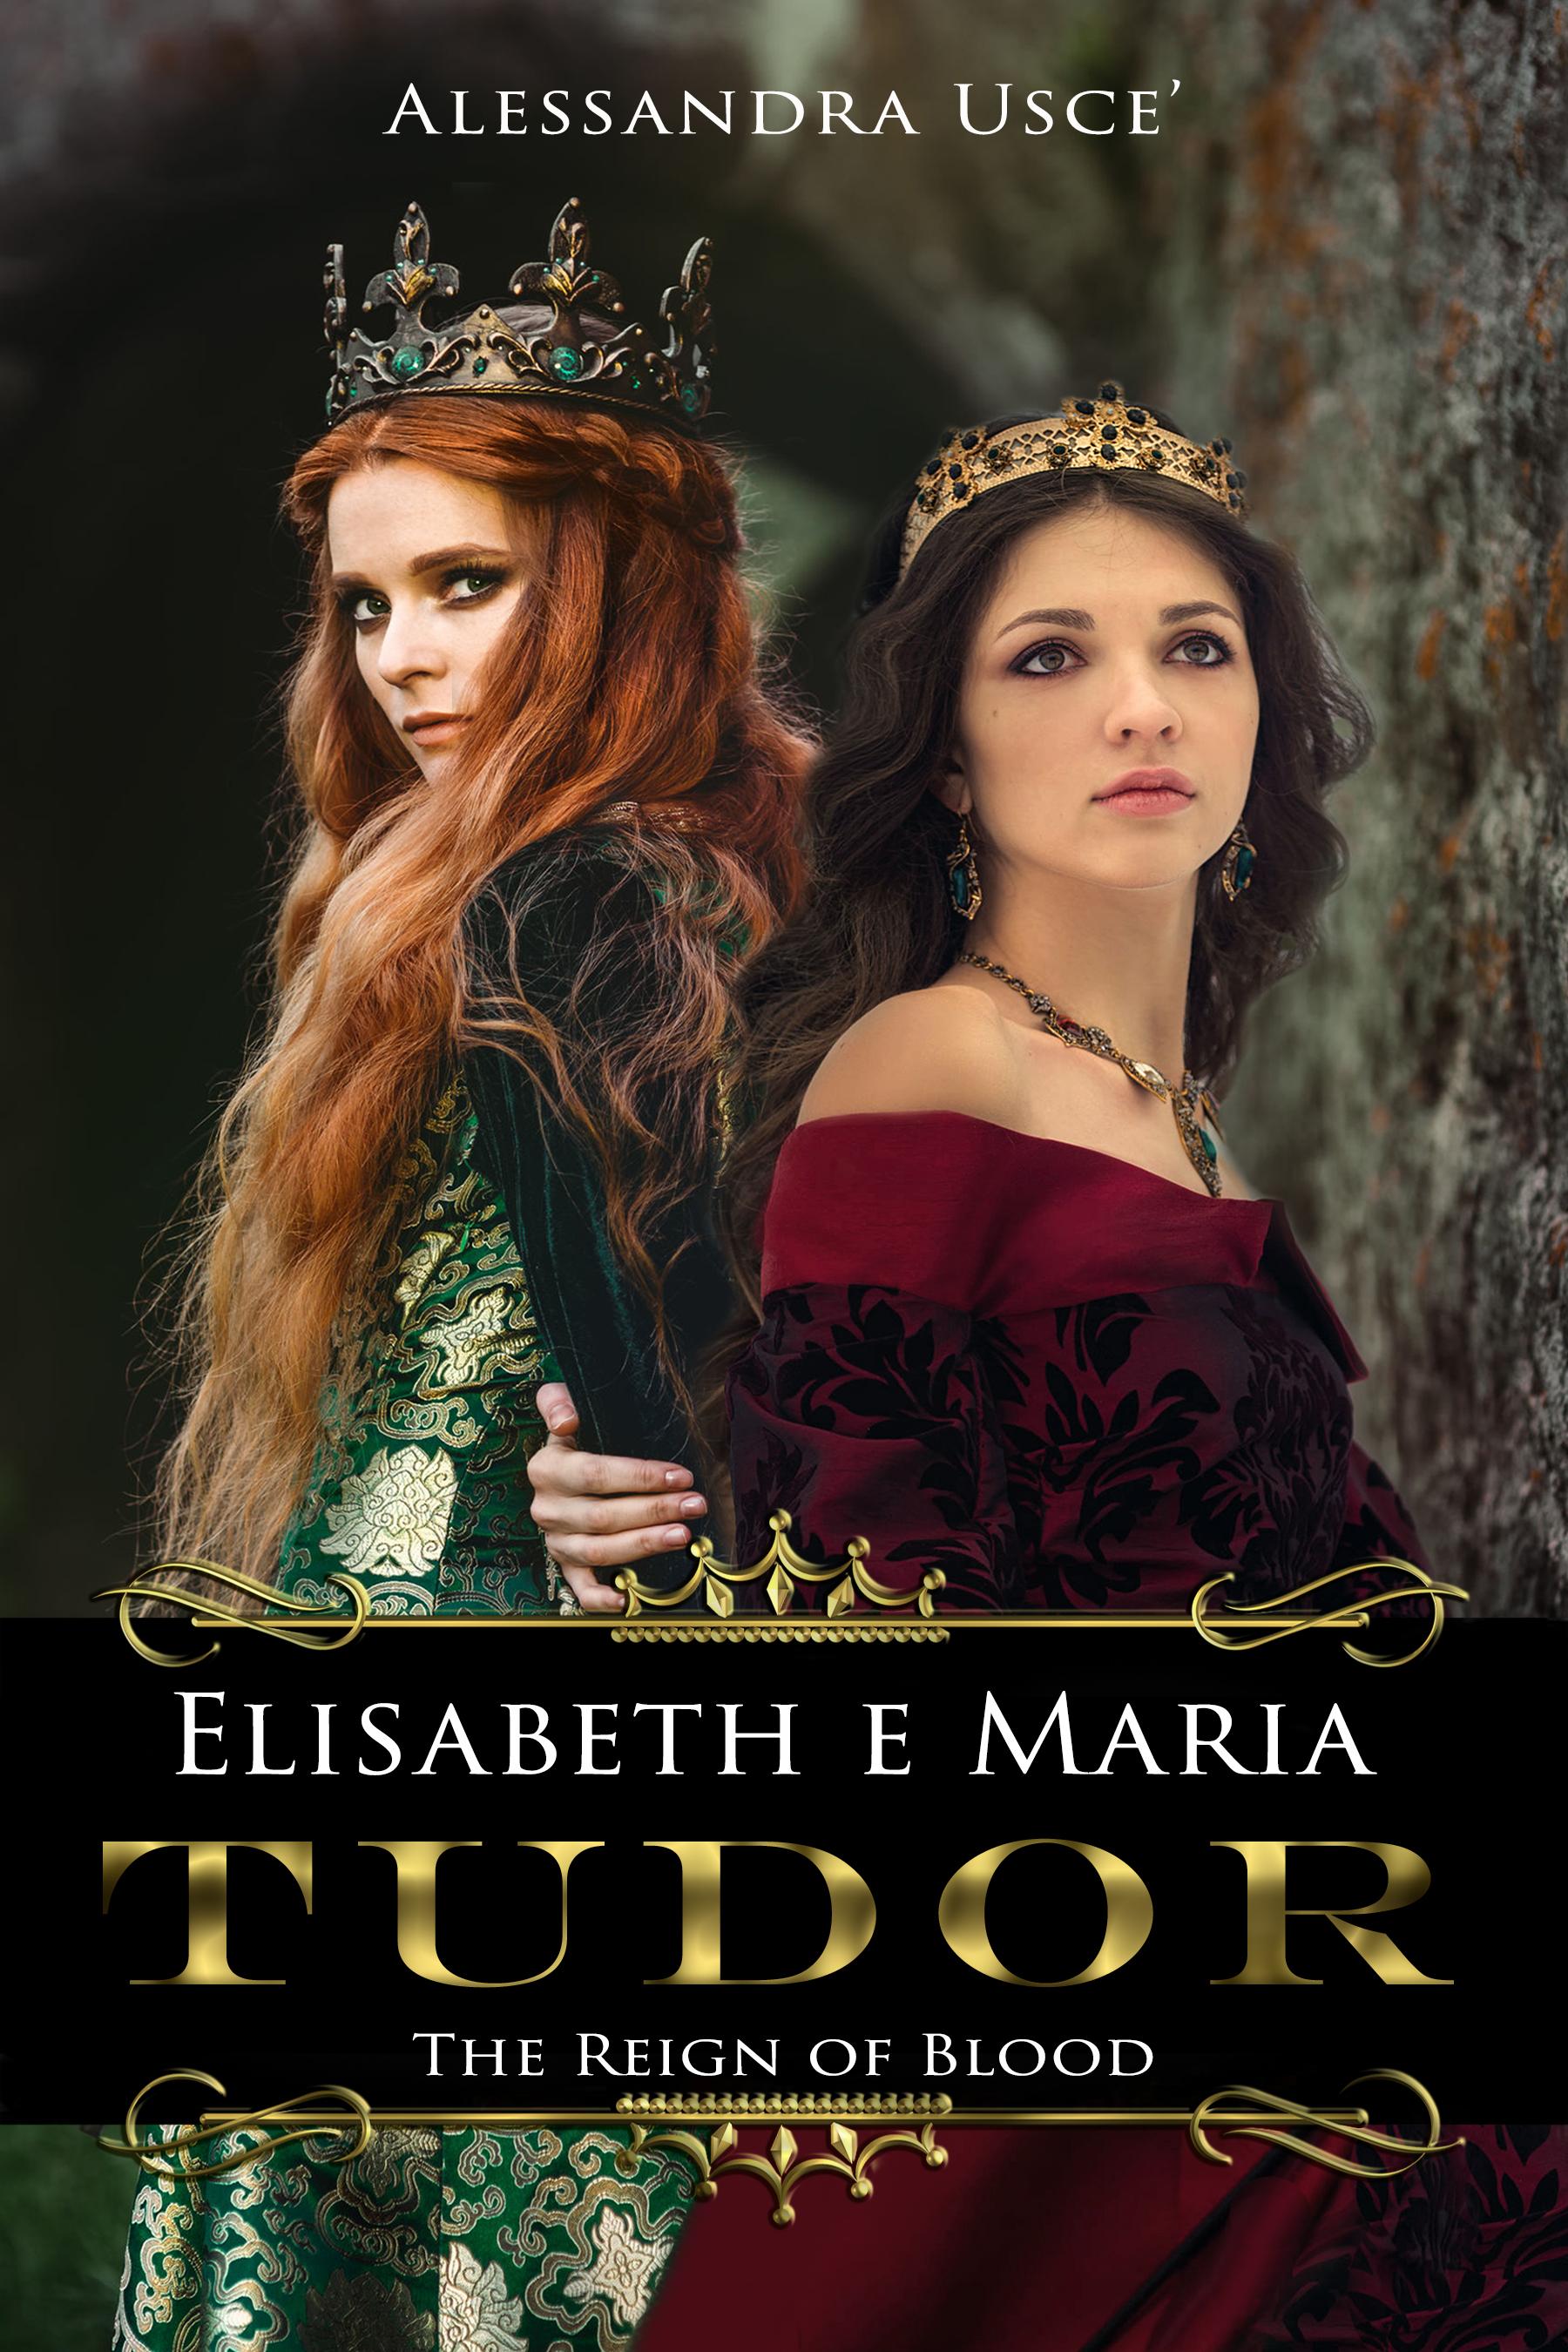 Elisabeth e Maria Tudor